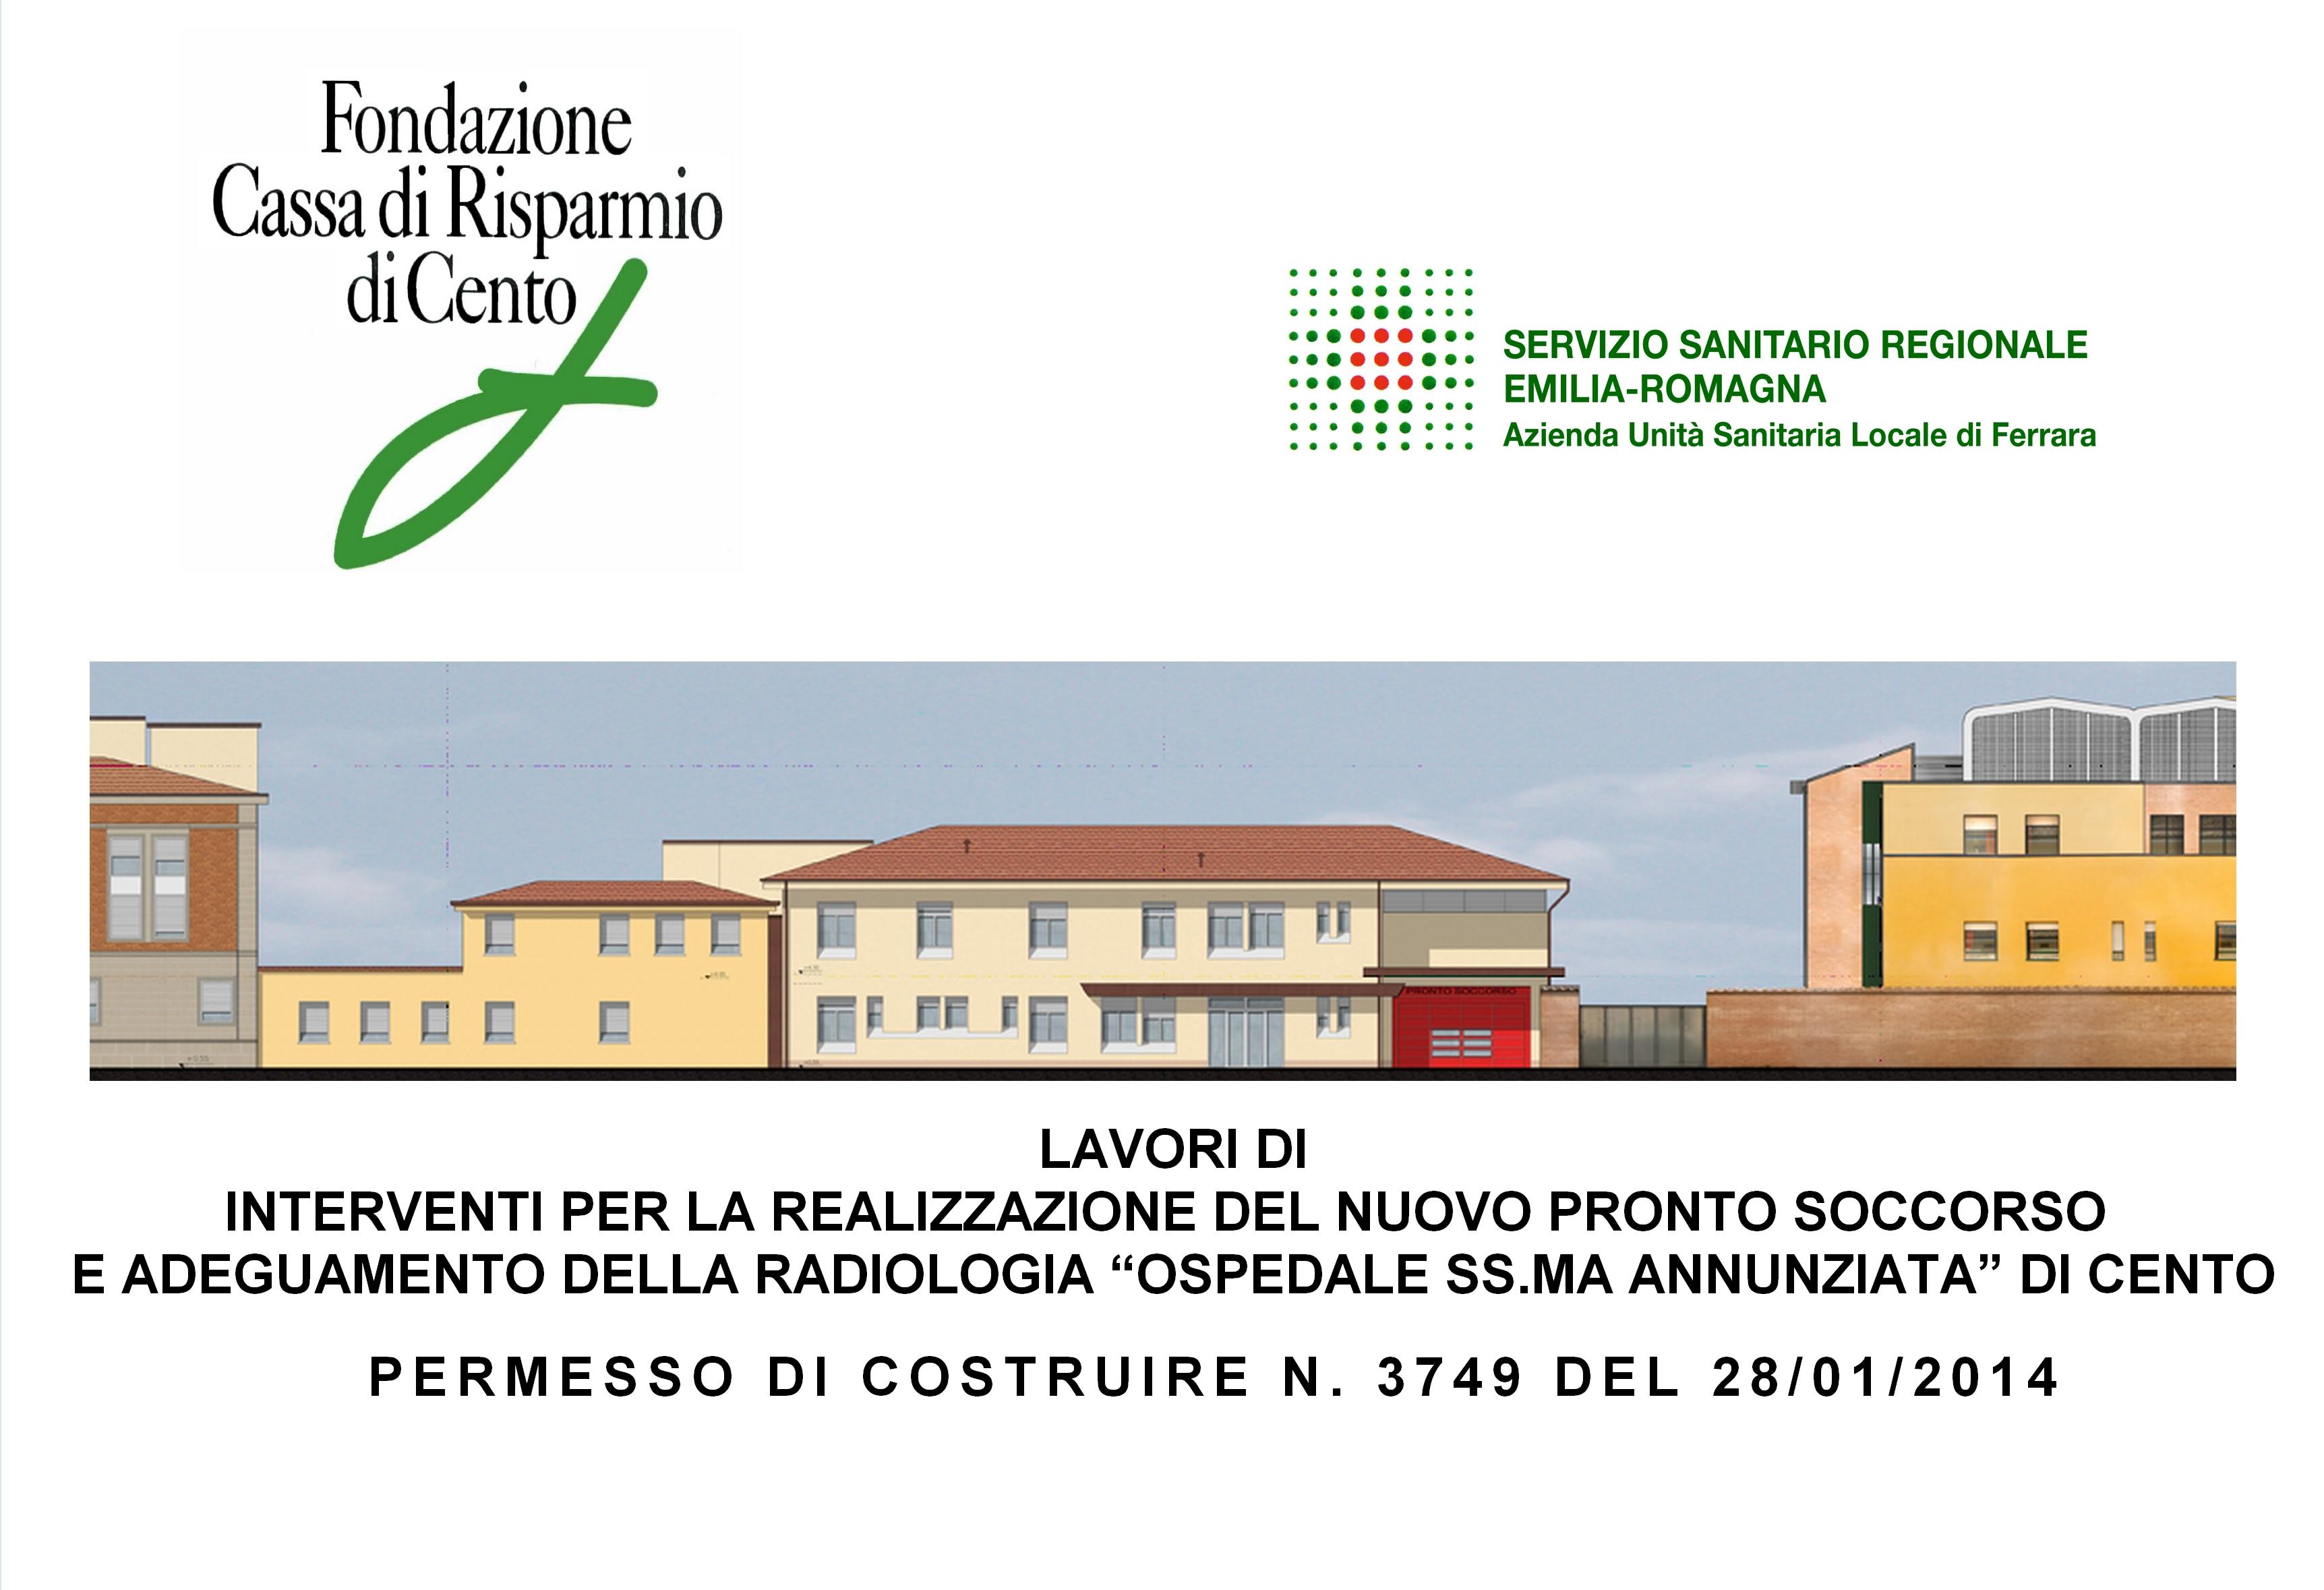 Il progetto del nuovo Pronto Soccorso di Cento, in provincia di Ferrara